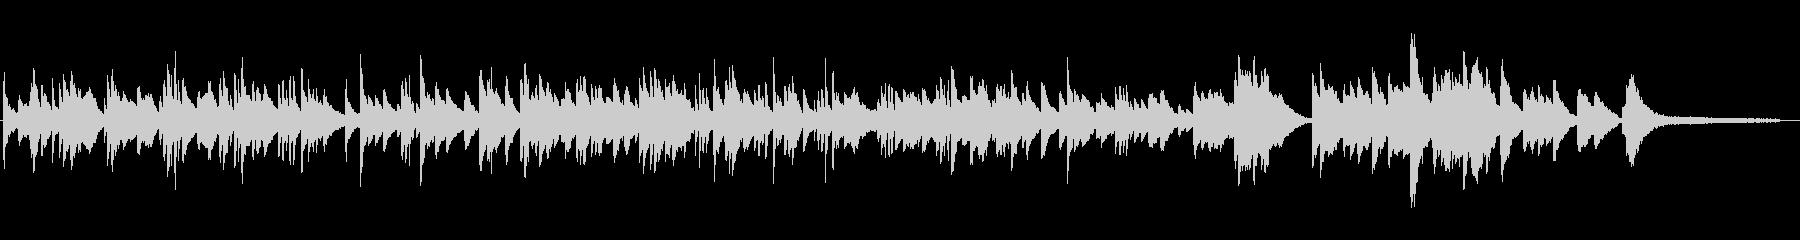 優しい雰囲気のピアノソロ 07の未再生の波形